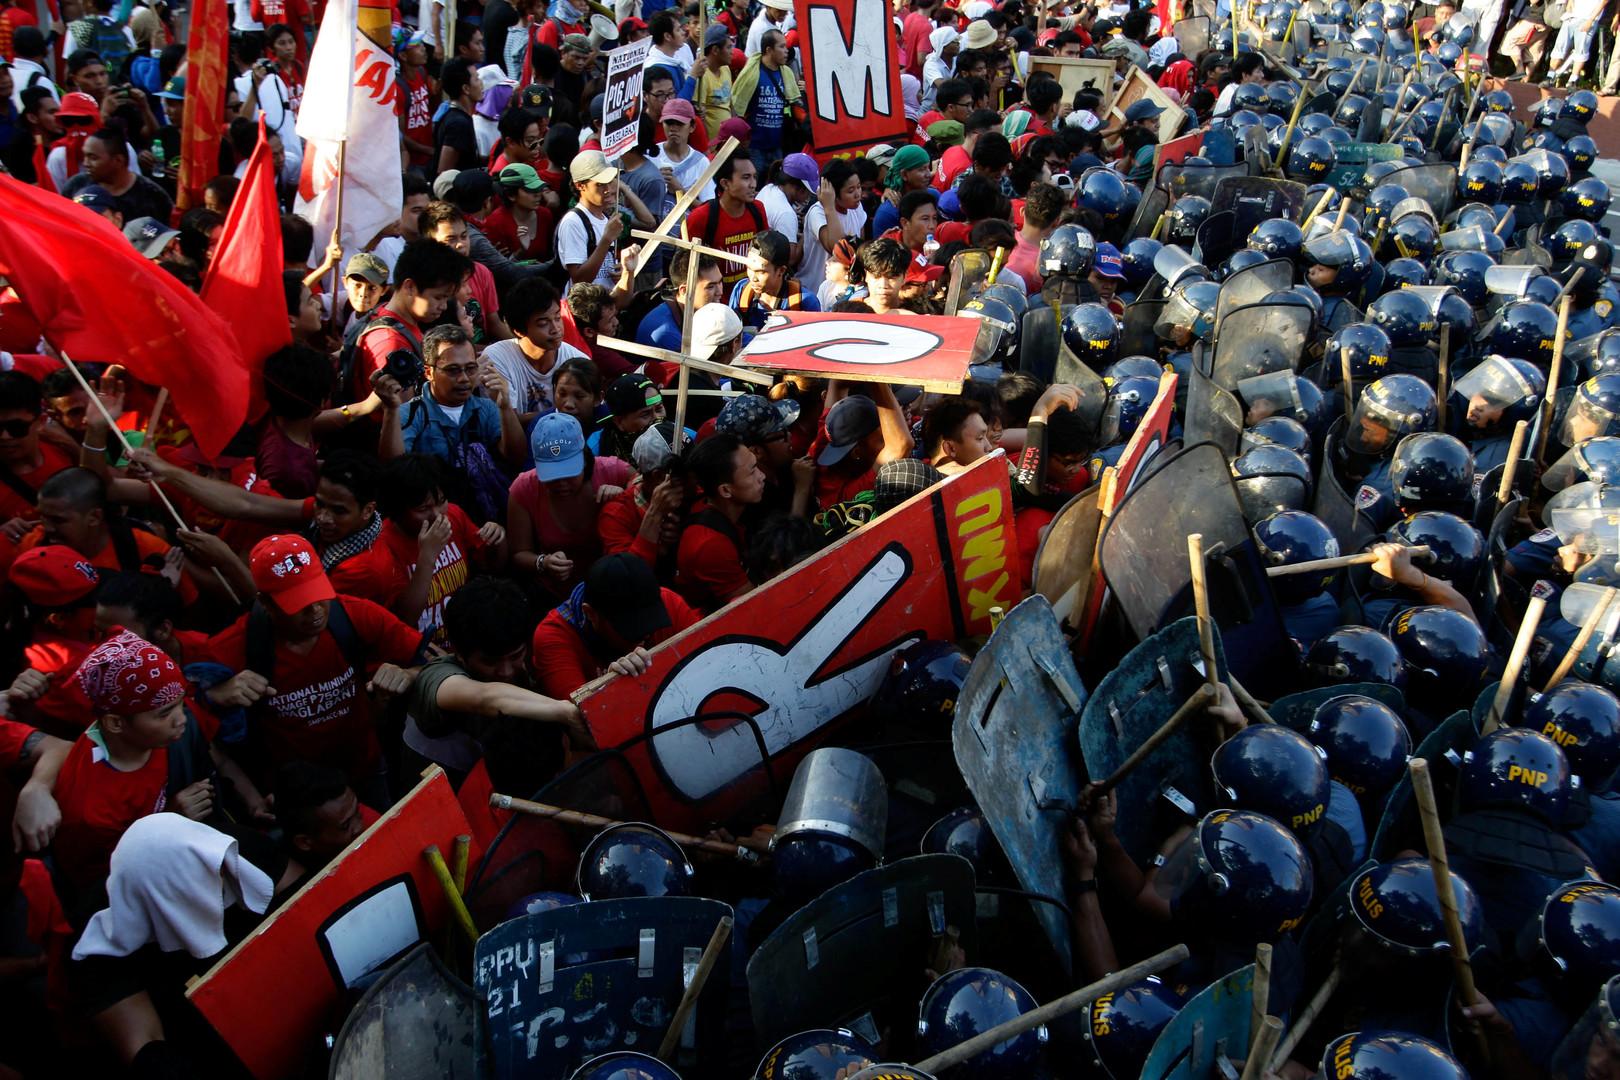 Auseinandersetzungen mit der Polizei in Jakarta, Indonesien.